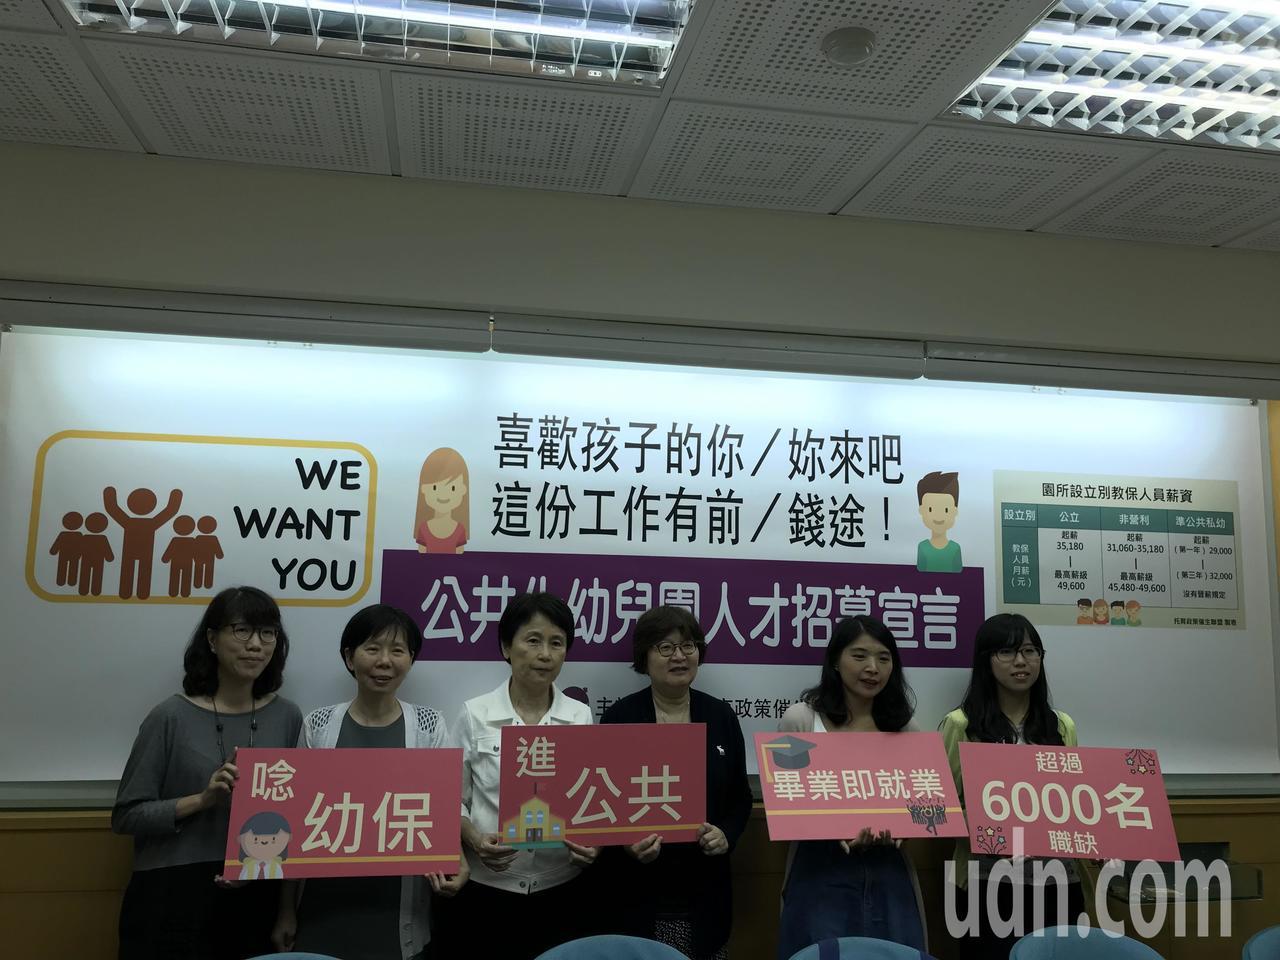 托育政策聯盟舉辦記者會呼籲年輕學子投入幼保工作。記者潘乃欣/攝影